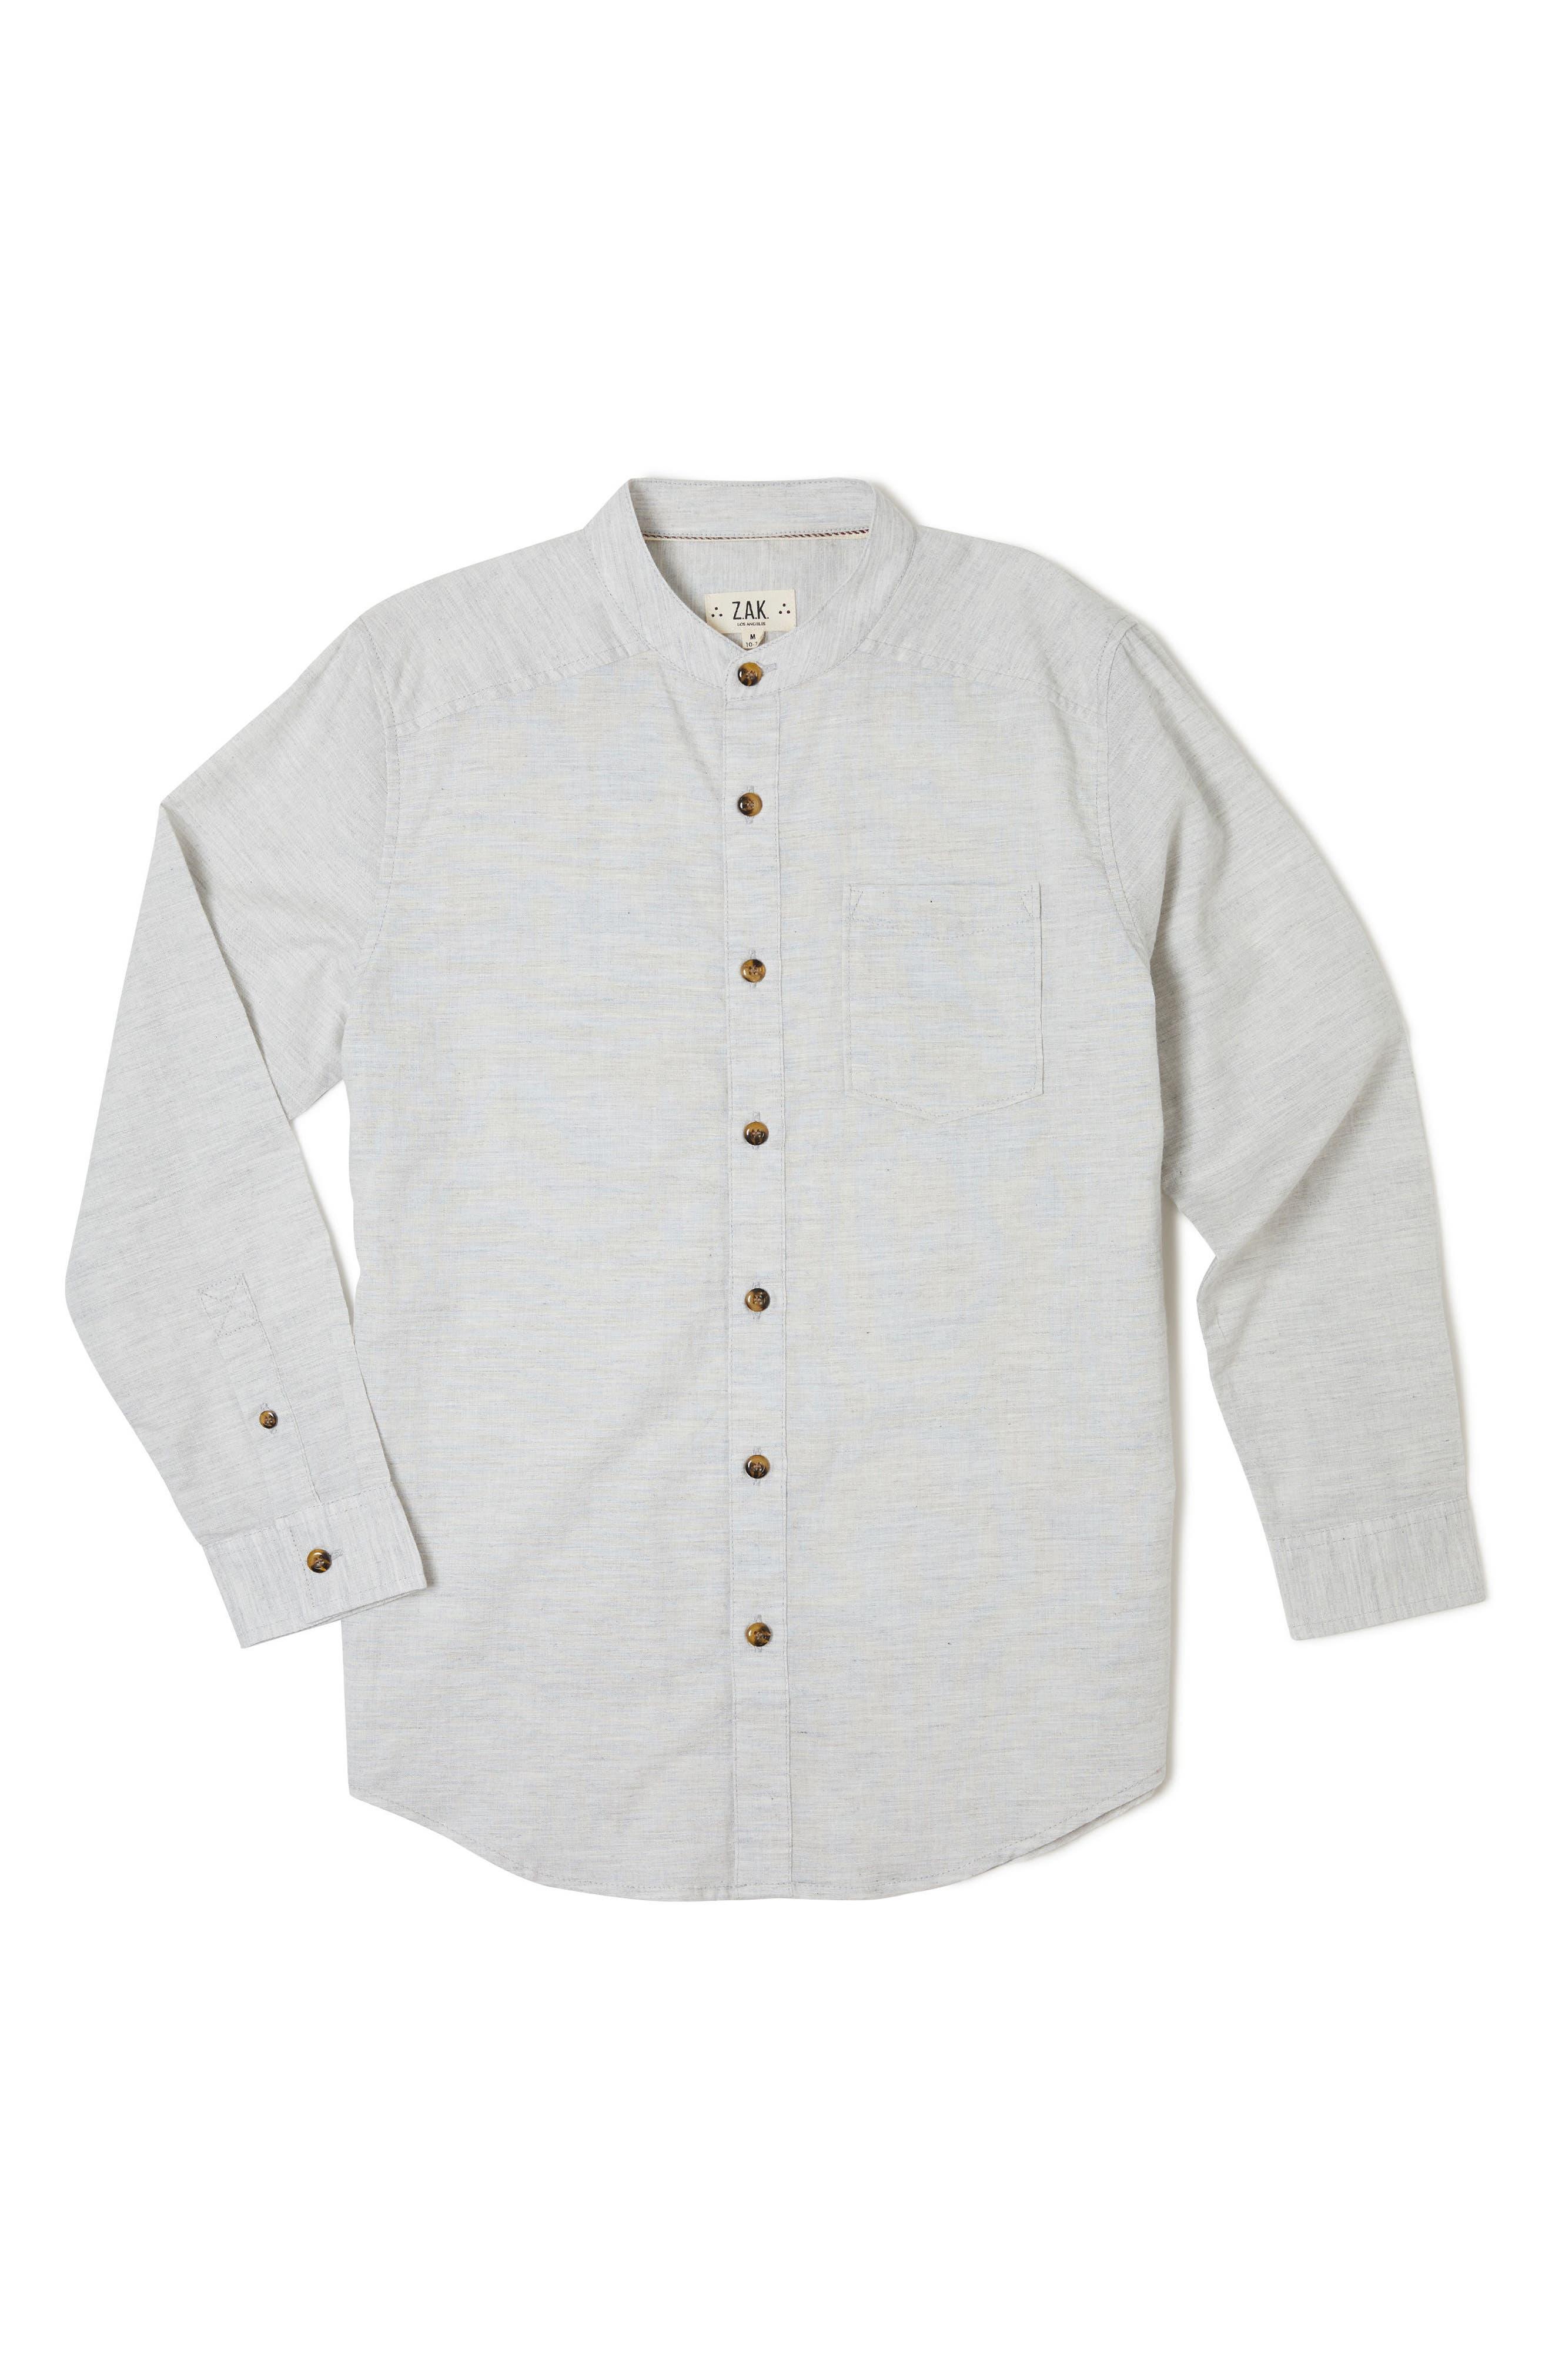 Rancho Long Sleeve Shirt,                         Main,                         color, Grey